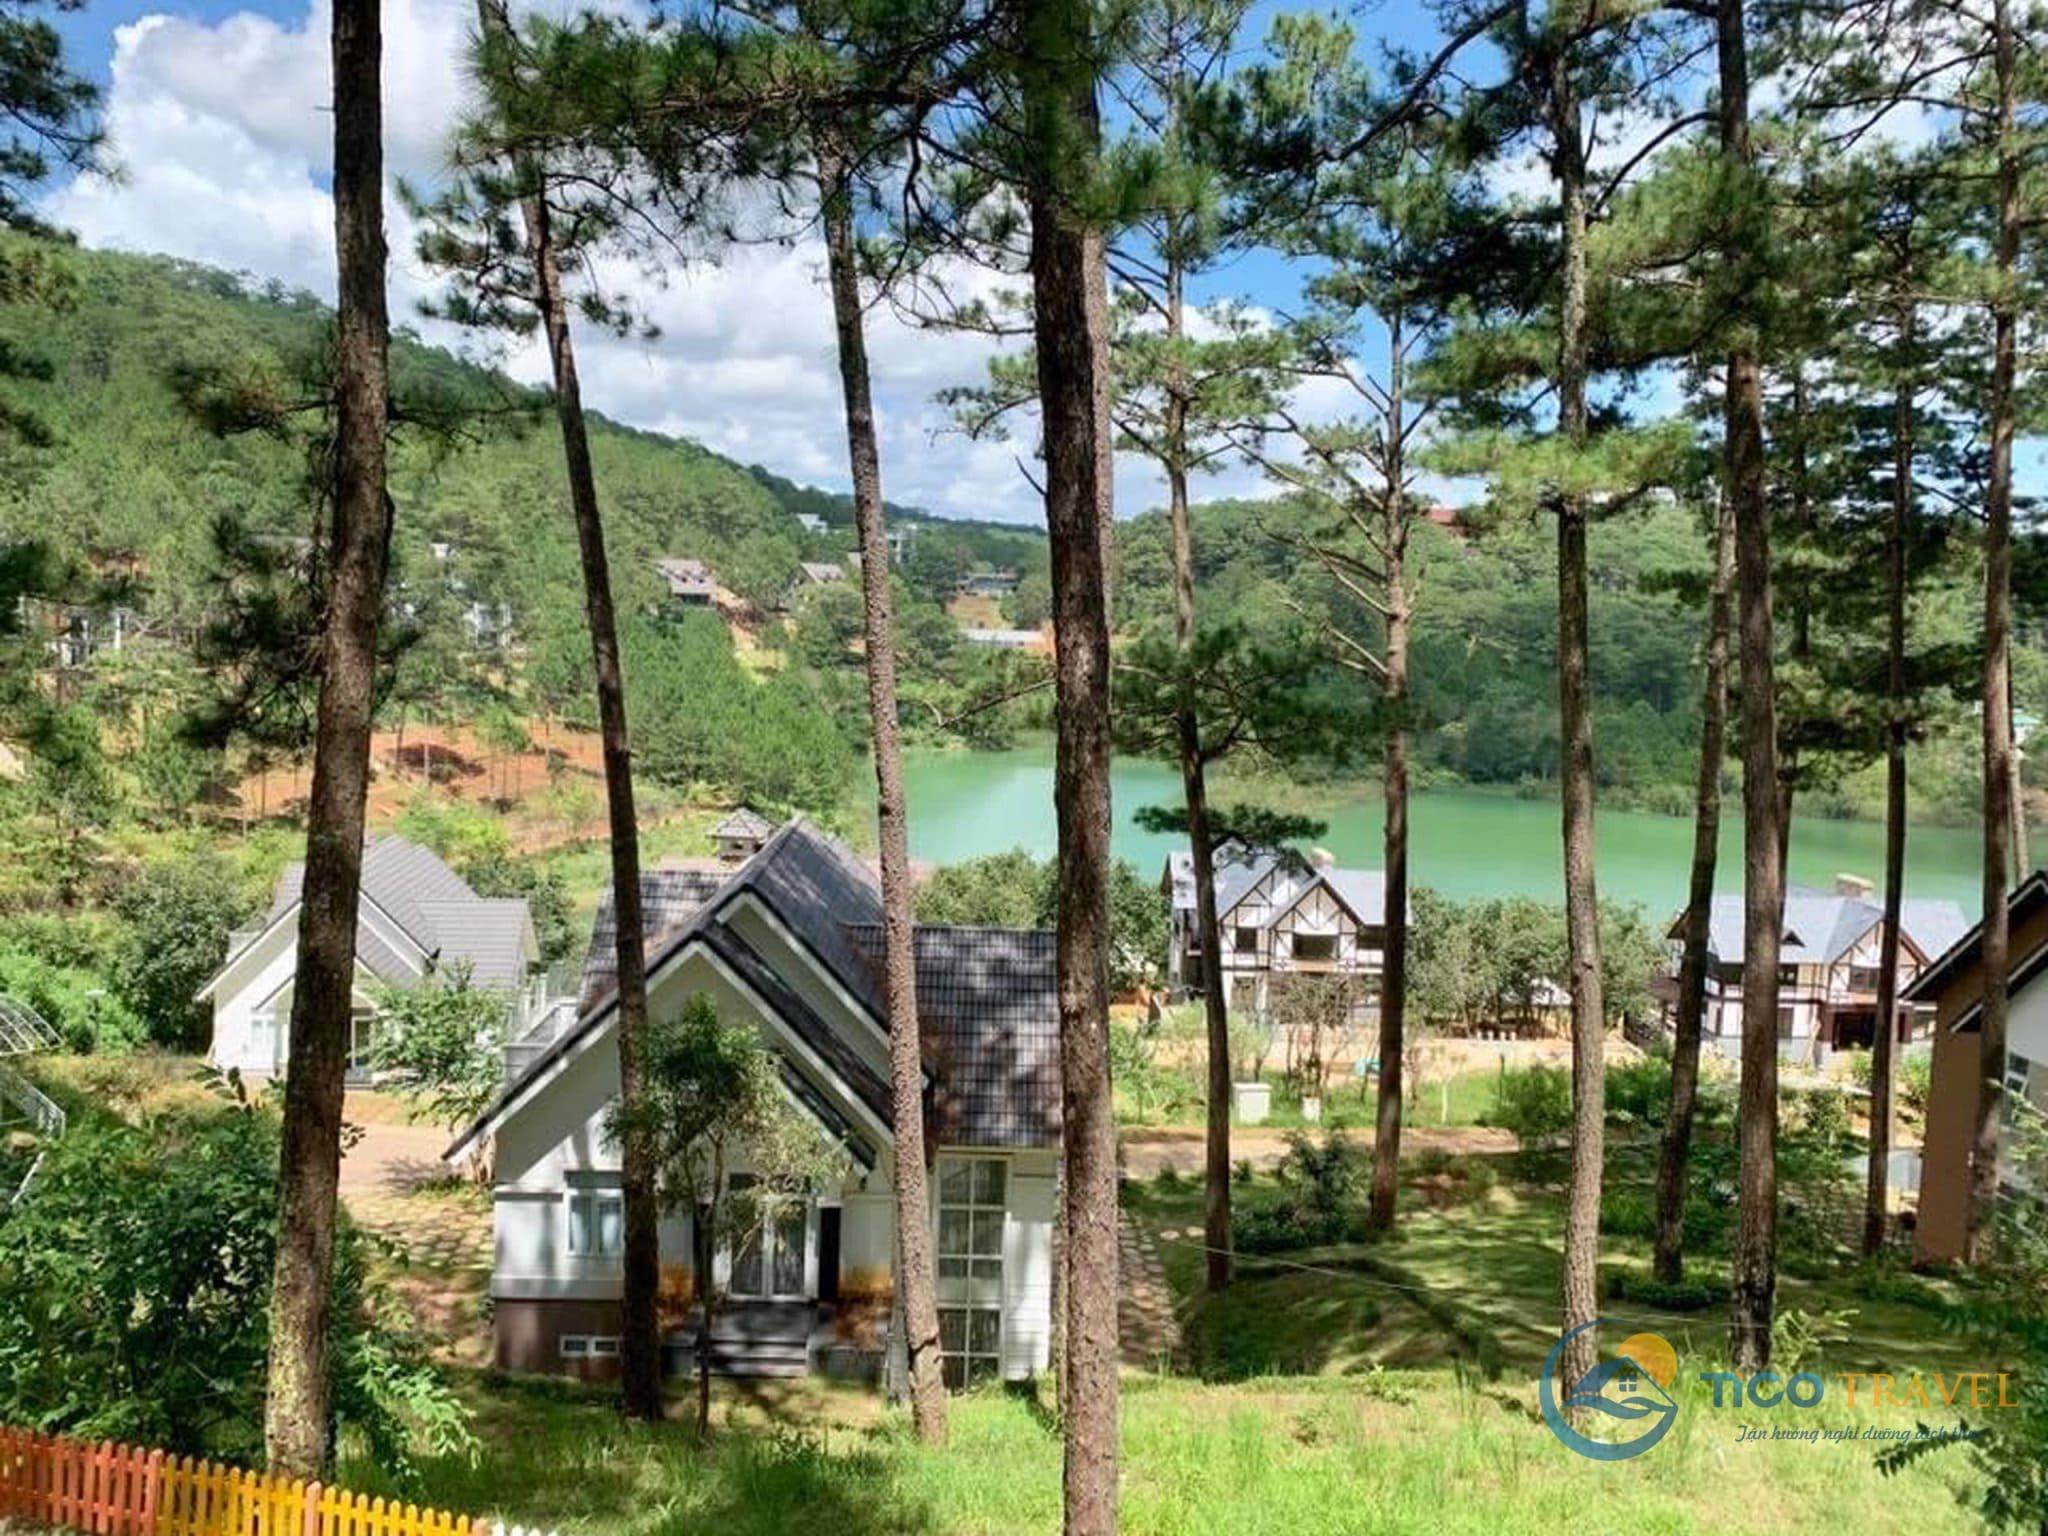 57 Biệt thự villa Đà Lạt giá rẻ view đẹp gần chợ trung tâm có hồ bơi